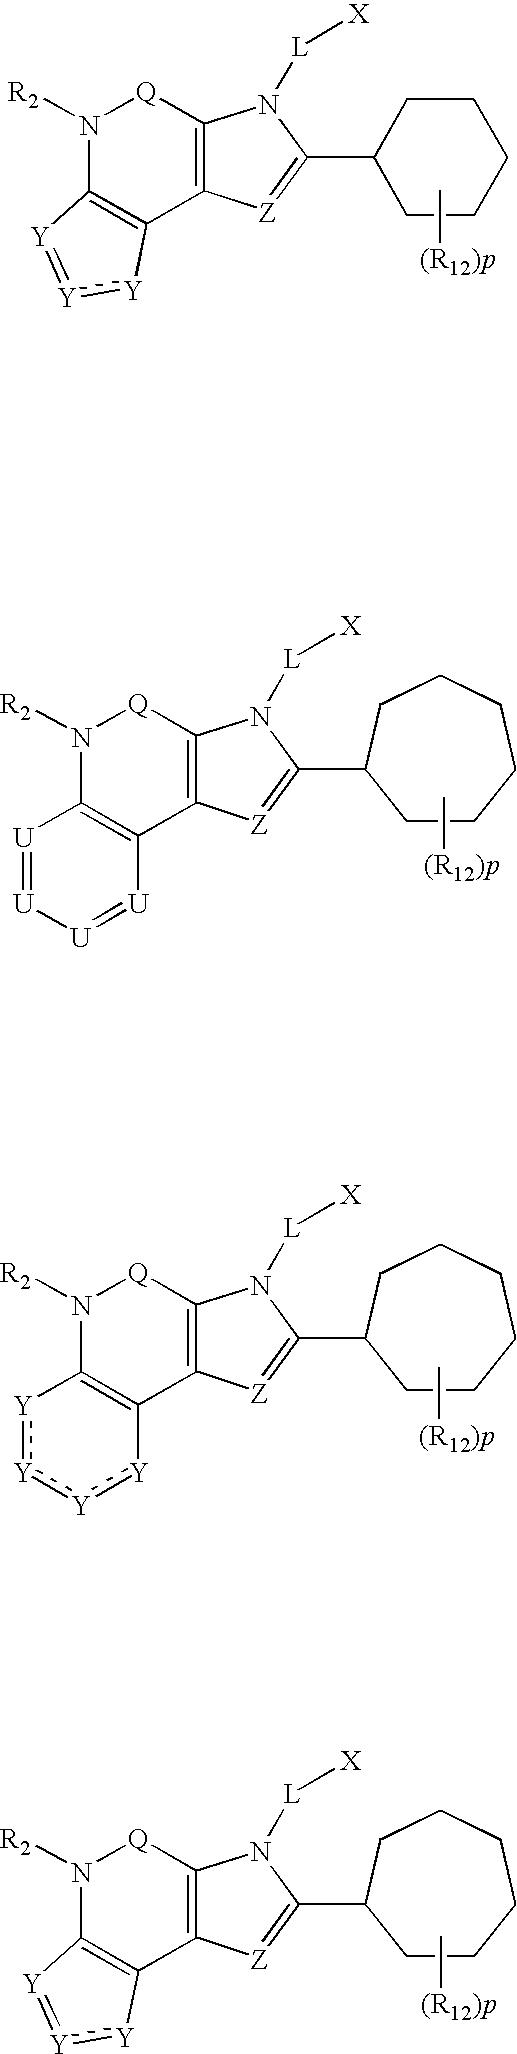 Figure US07169926-20070130-C00070